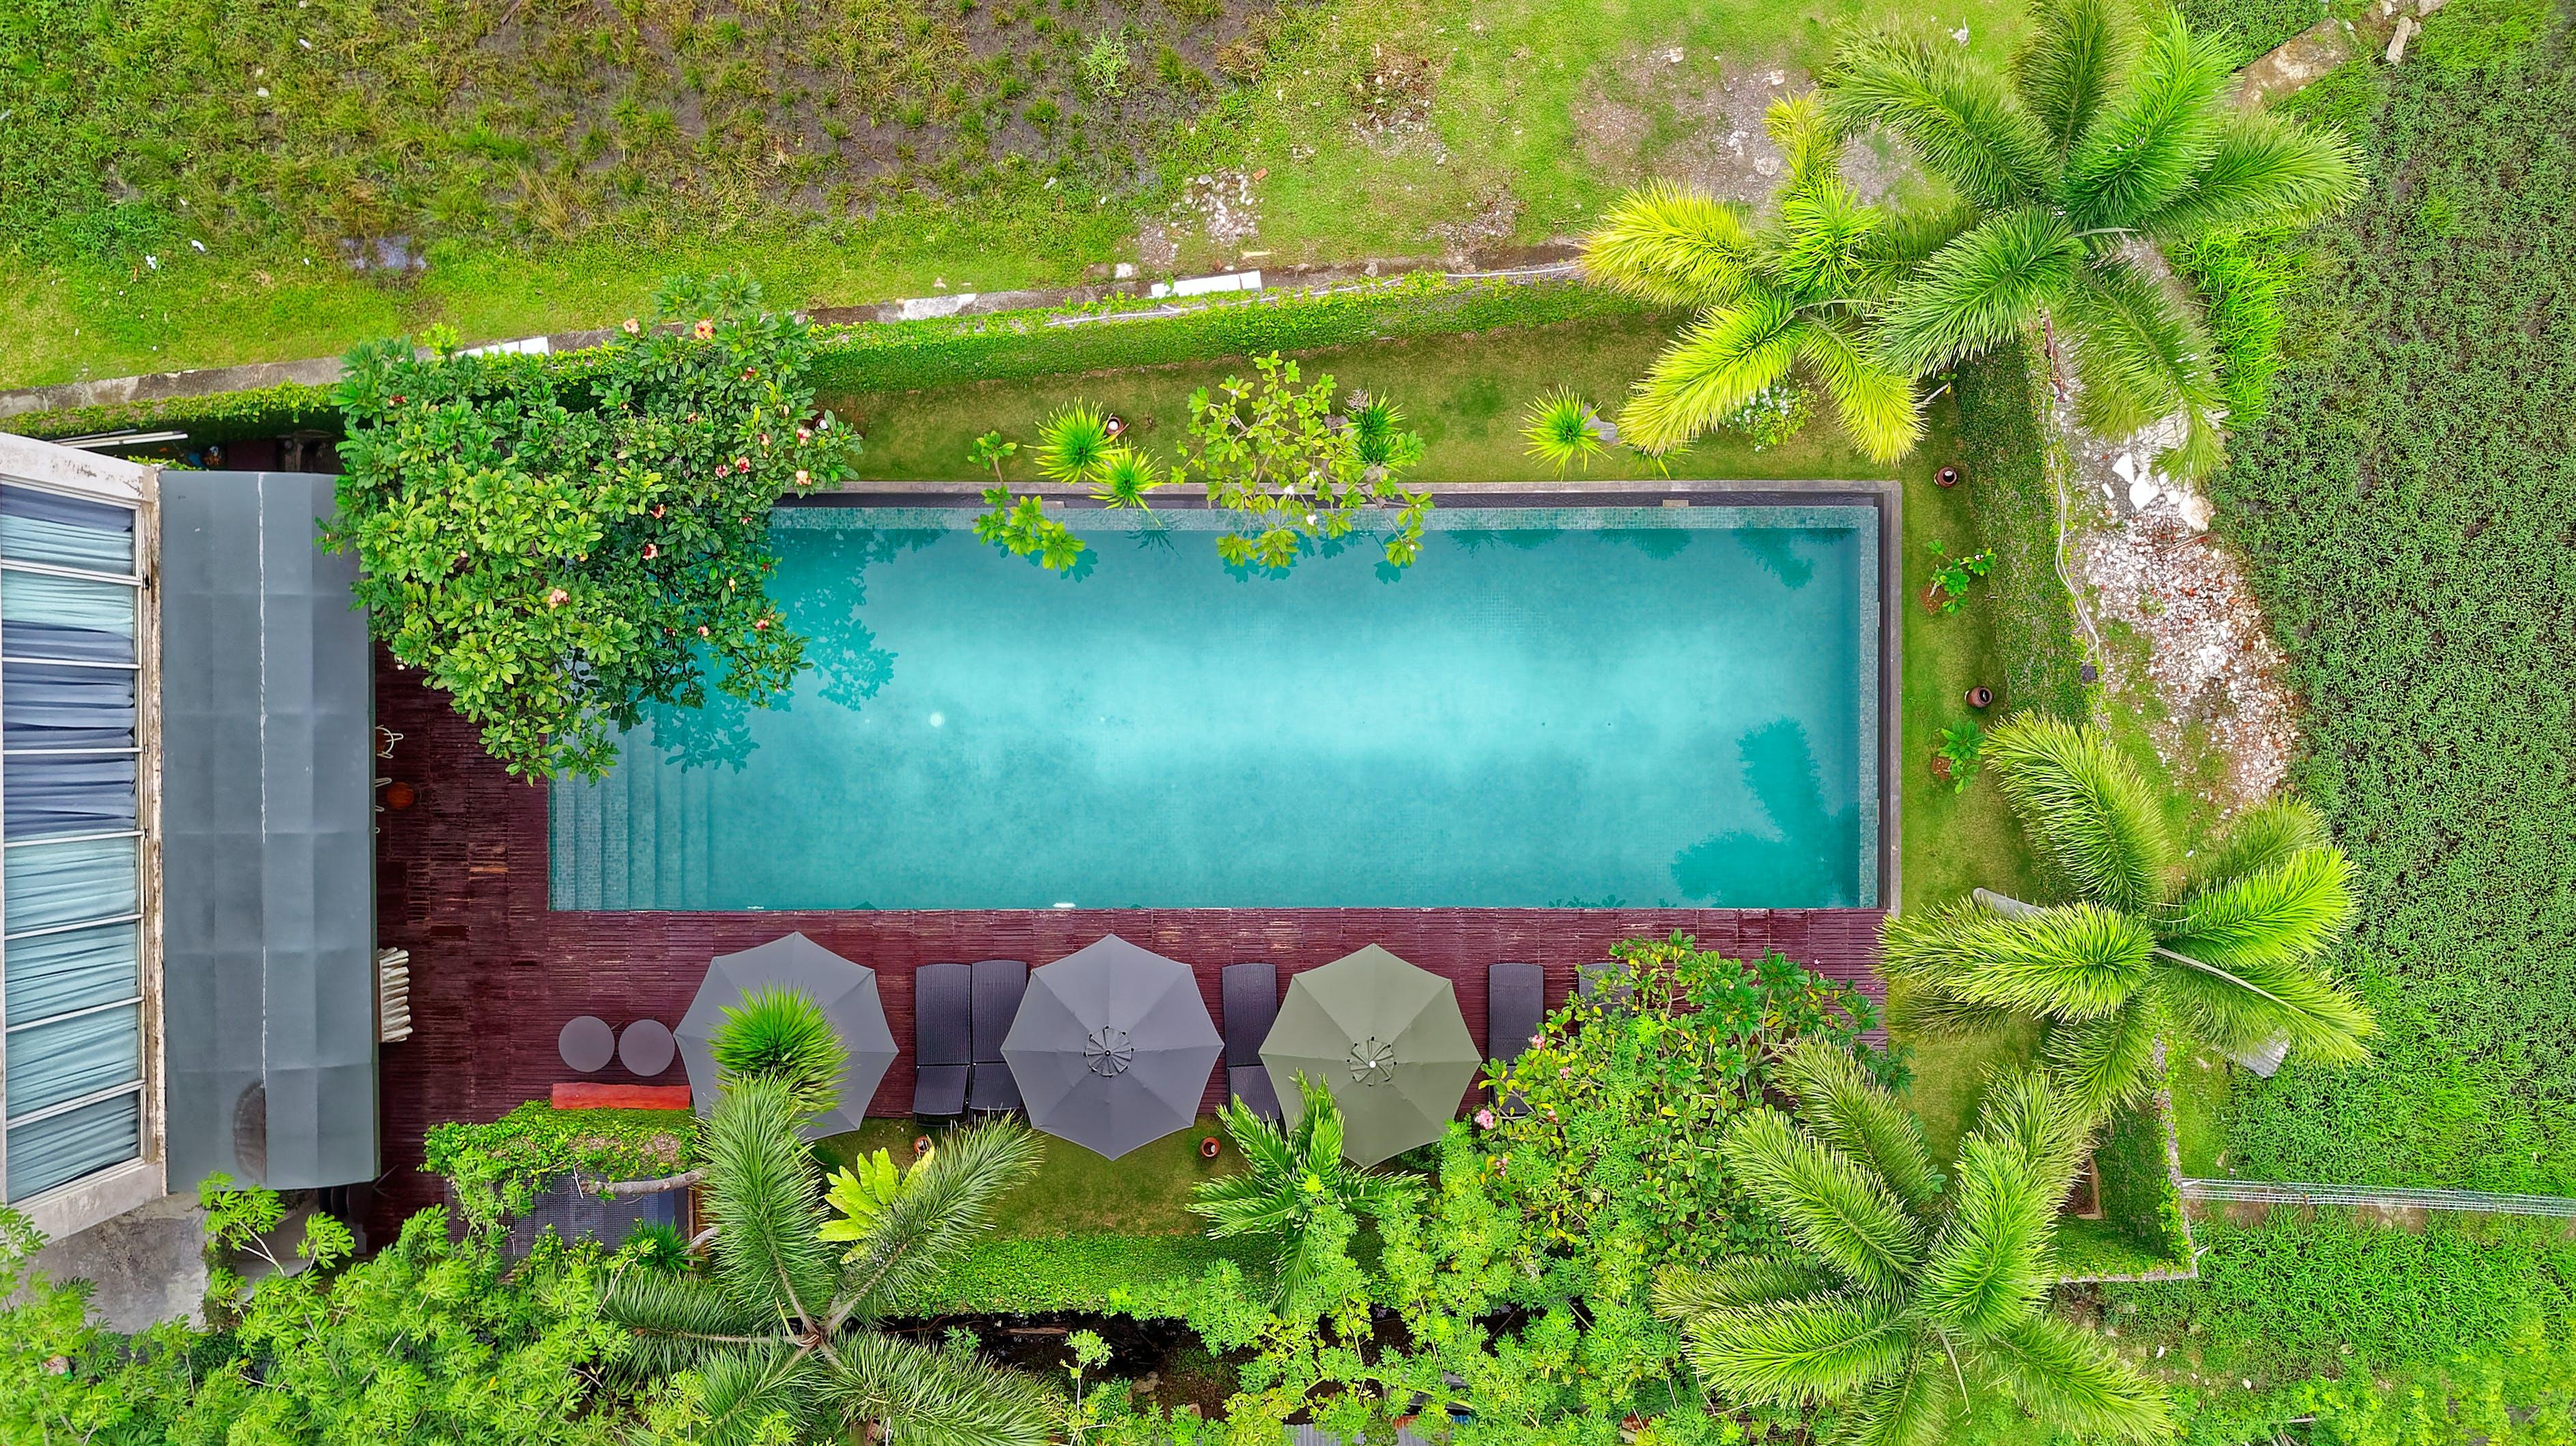 Fotos de stock gratuitas de centro turístico, desde arriba, foto aérea, Indonesia